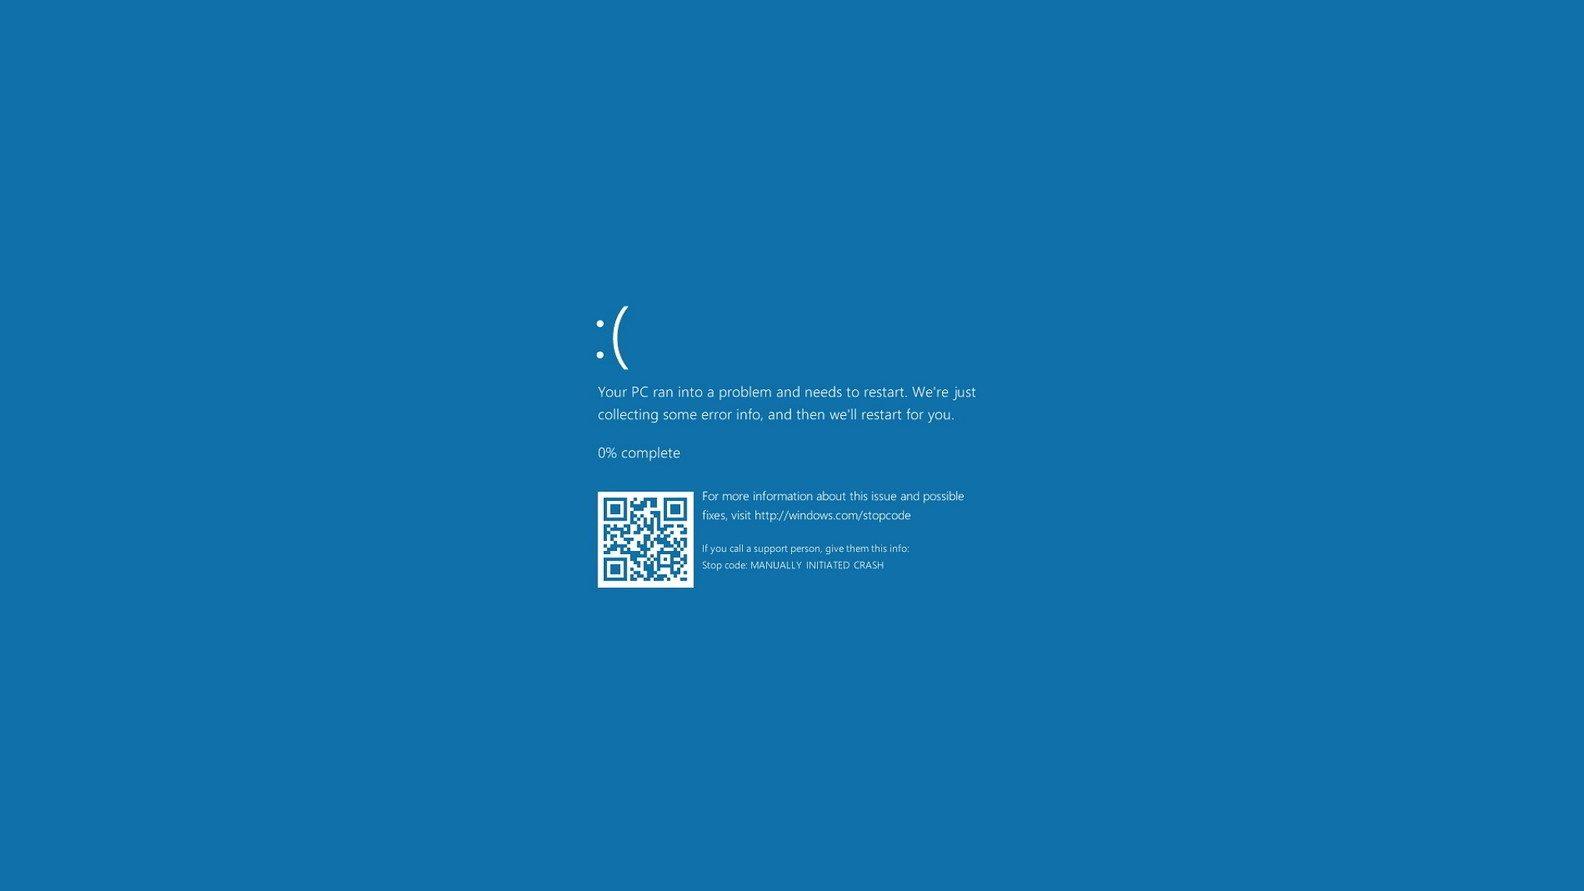 Windows 10 : les outils gratuits pour corriger les bugs et autres soucis